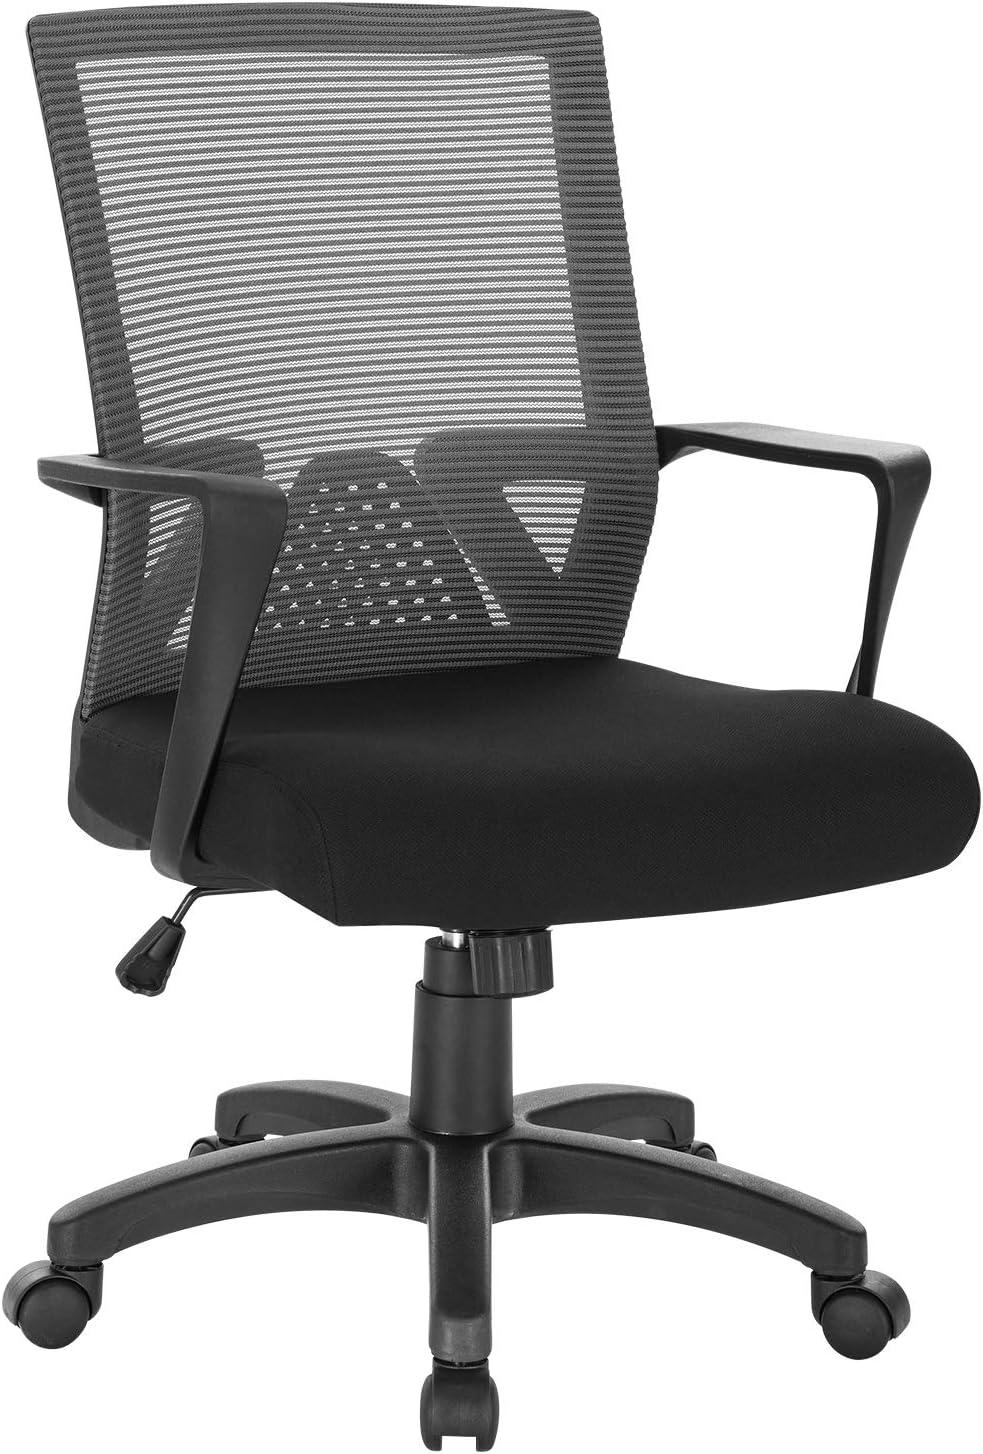 WOLTU BS88sz Chaise de Bureau Chaise dordinateur pivotante,Chaise PC avec accoudoir rev/êtement en Maille Structure en m/étal et Nylon,Noir